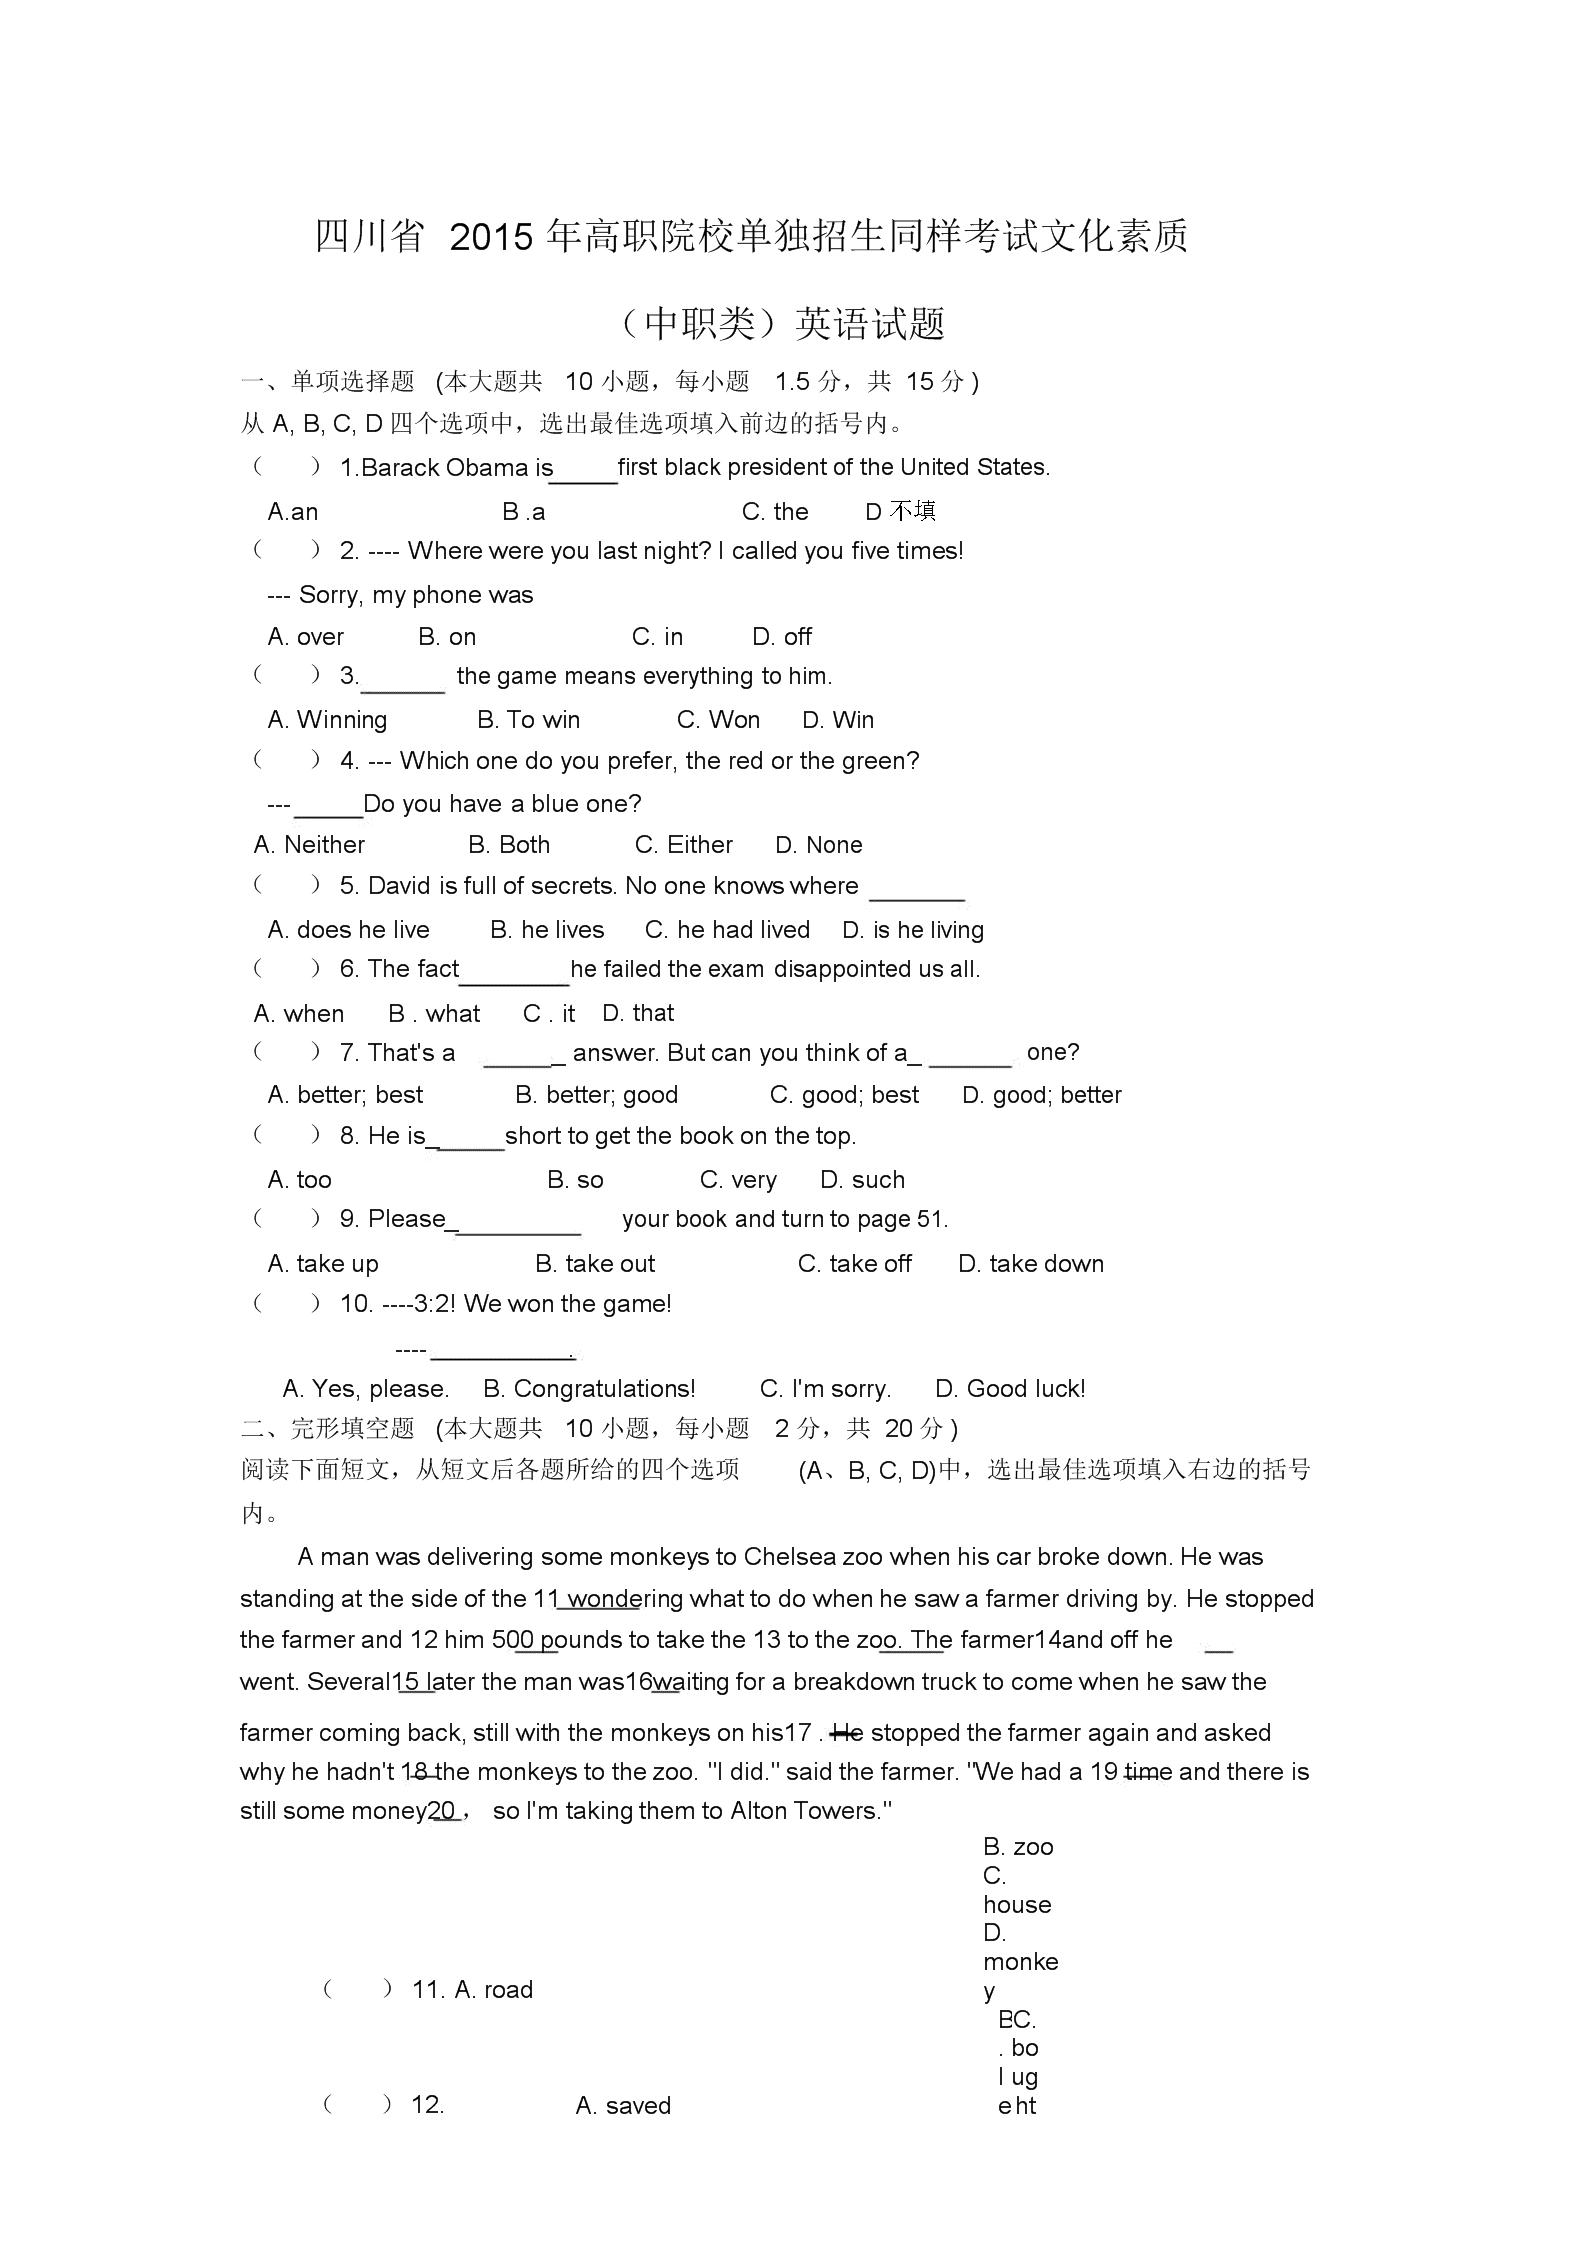 完整word版,四川省高职单招(中职类)英语试题WORD版.docx